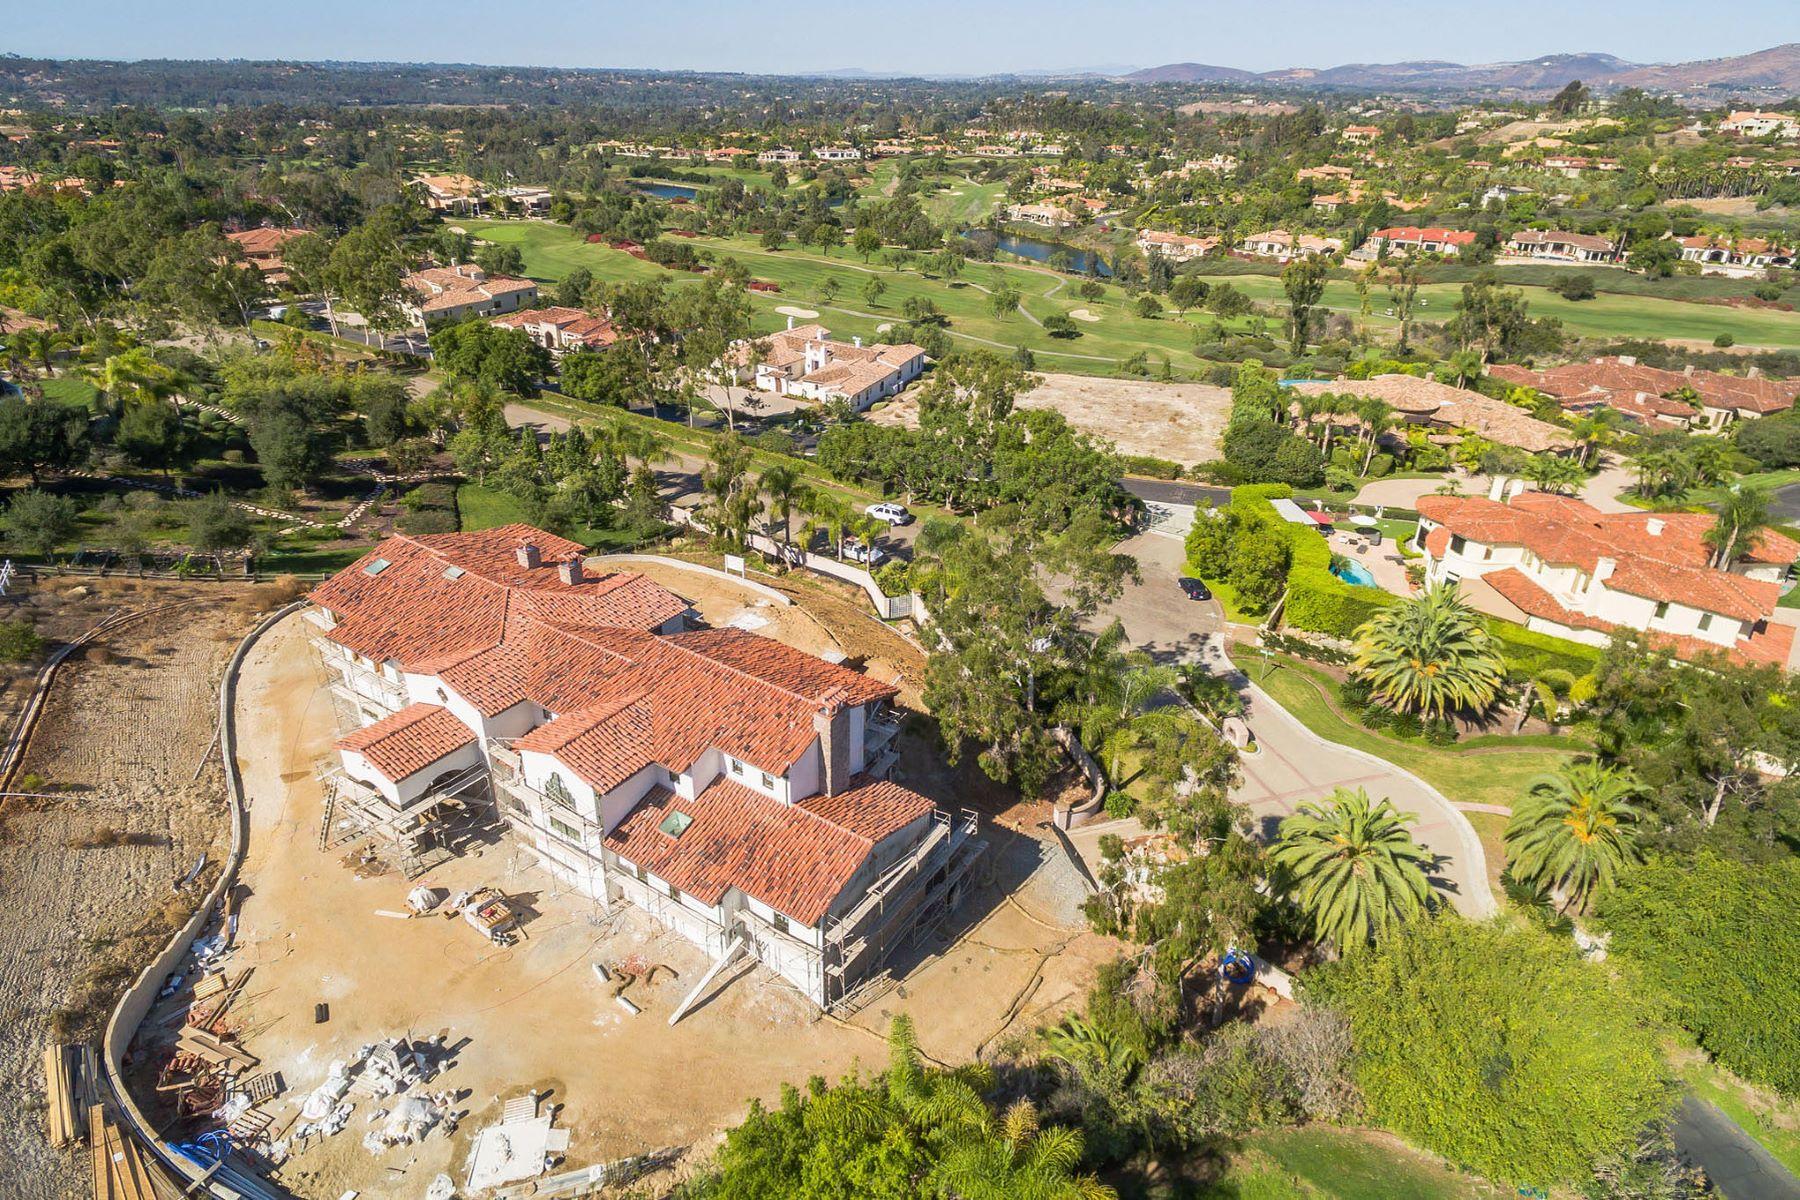 Casa Unifamiliar por un Venta en 6888 Rancho Santa Fe Farms Dr 6888 Rancho Santa Fe Farms Drive Rancho Santa Fe, California 92067 Estados Unidos